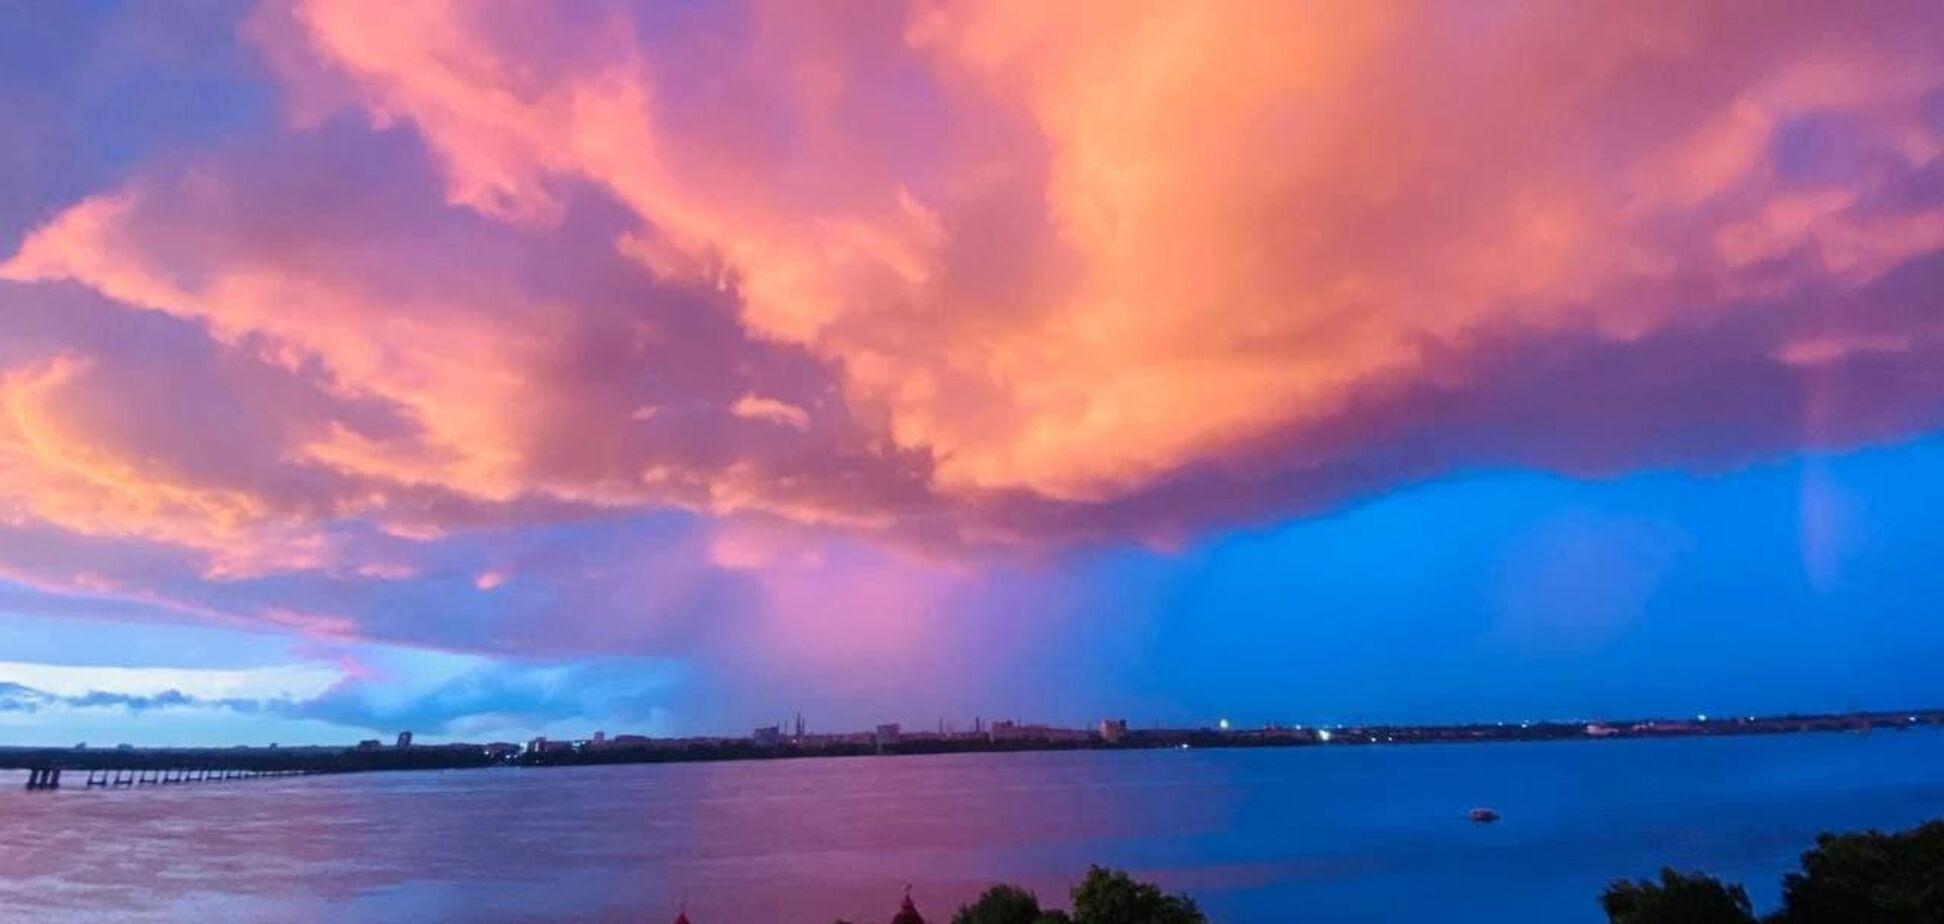 У Дніпрі після проливних дощів небо забарвилось в рожево-малиновий колір. Фото і відео